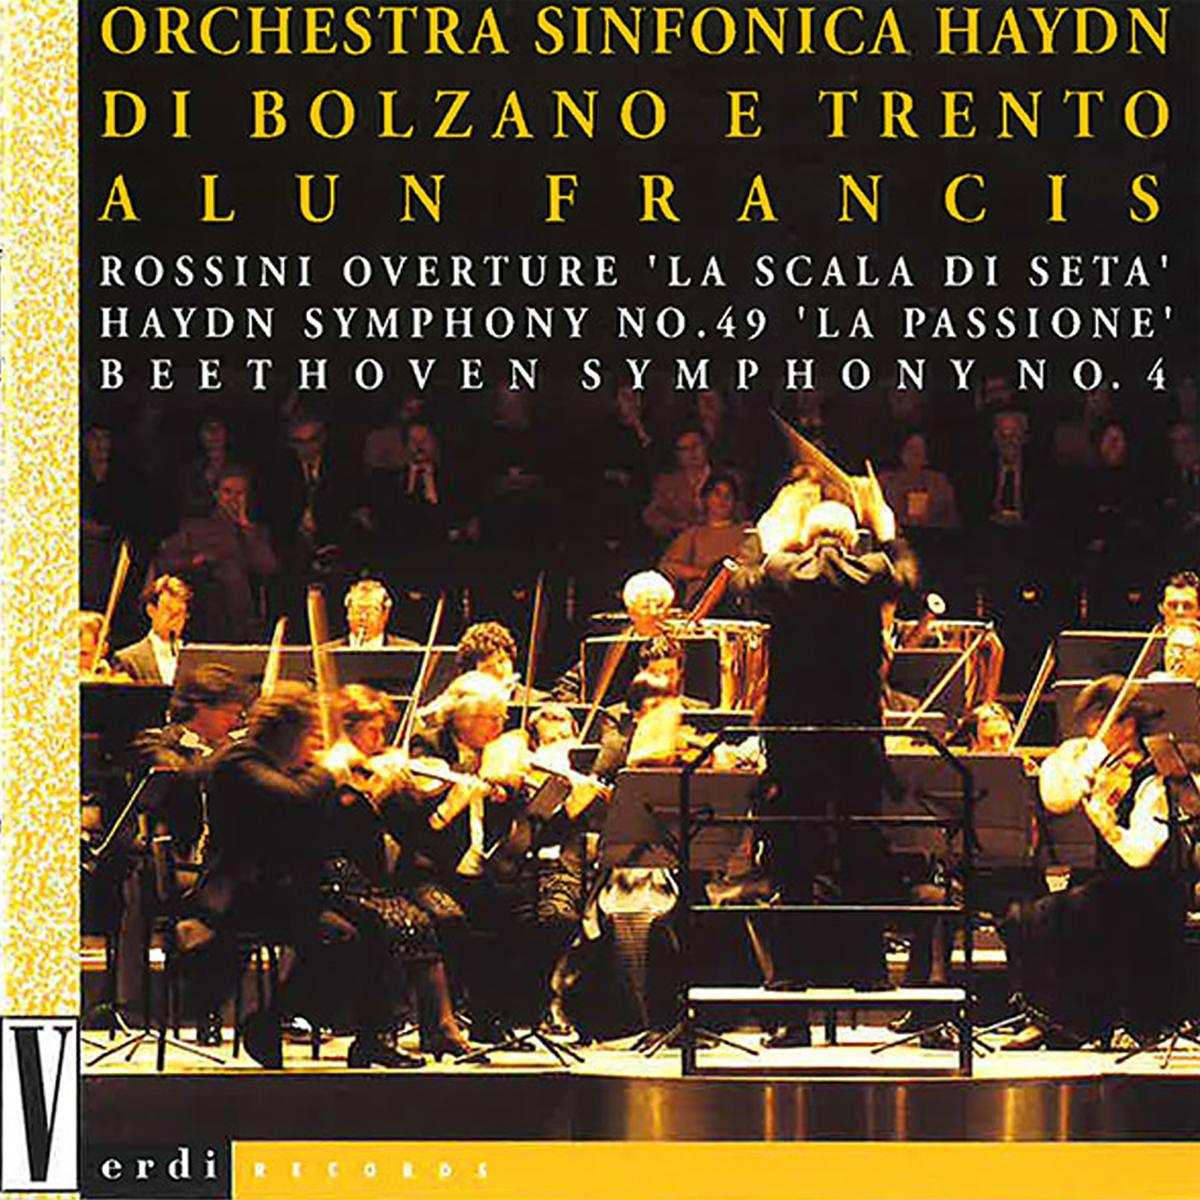 Rossini, Haydn, Beethoven